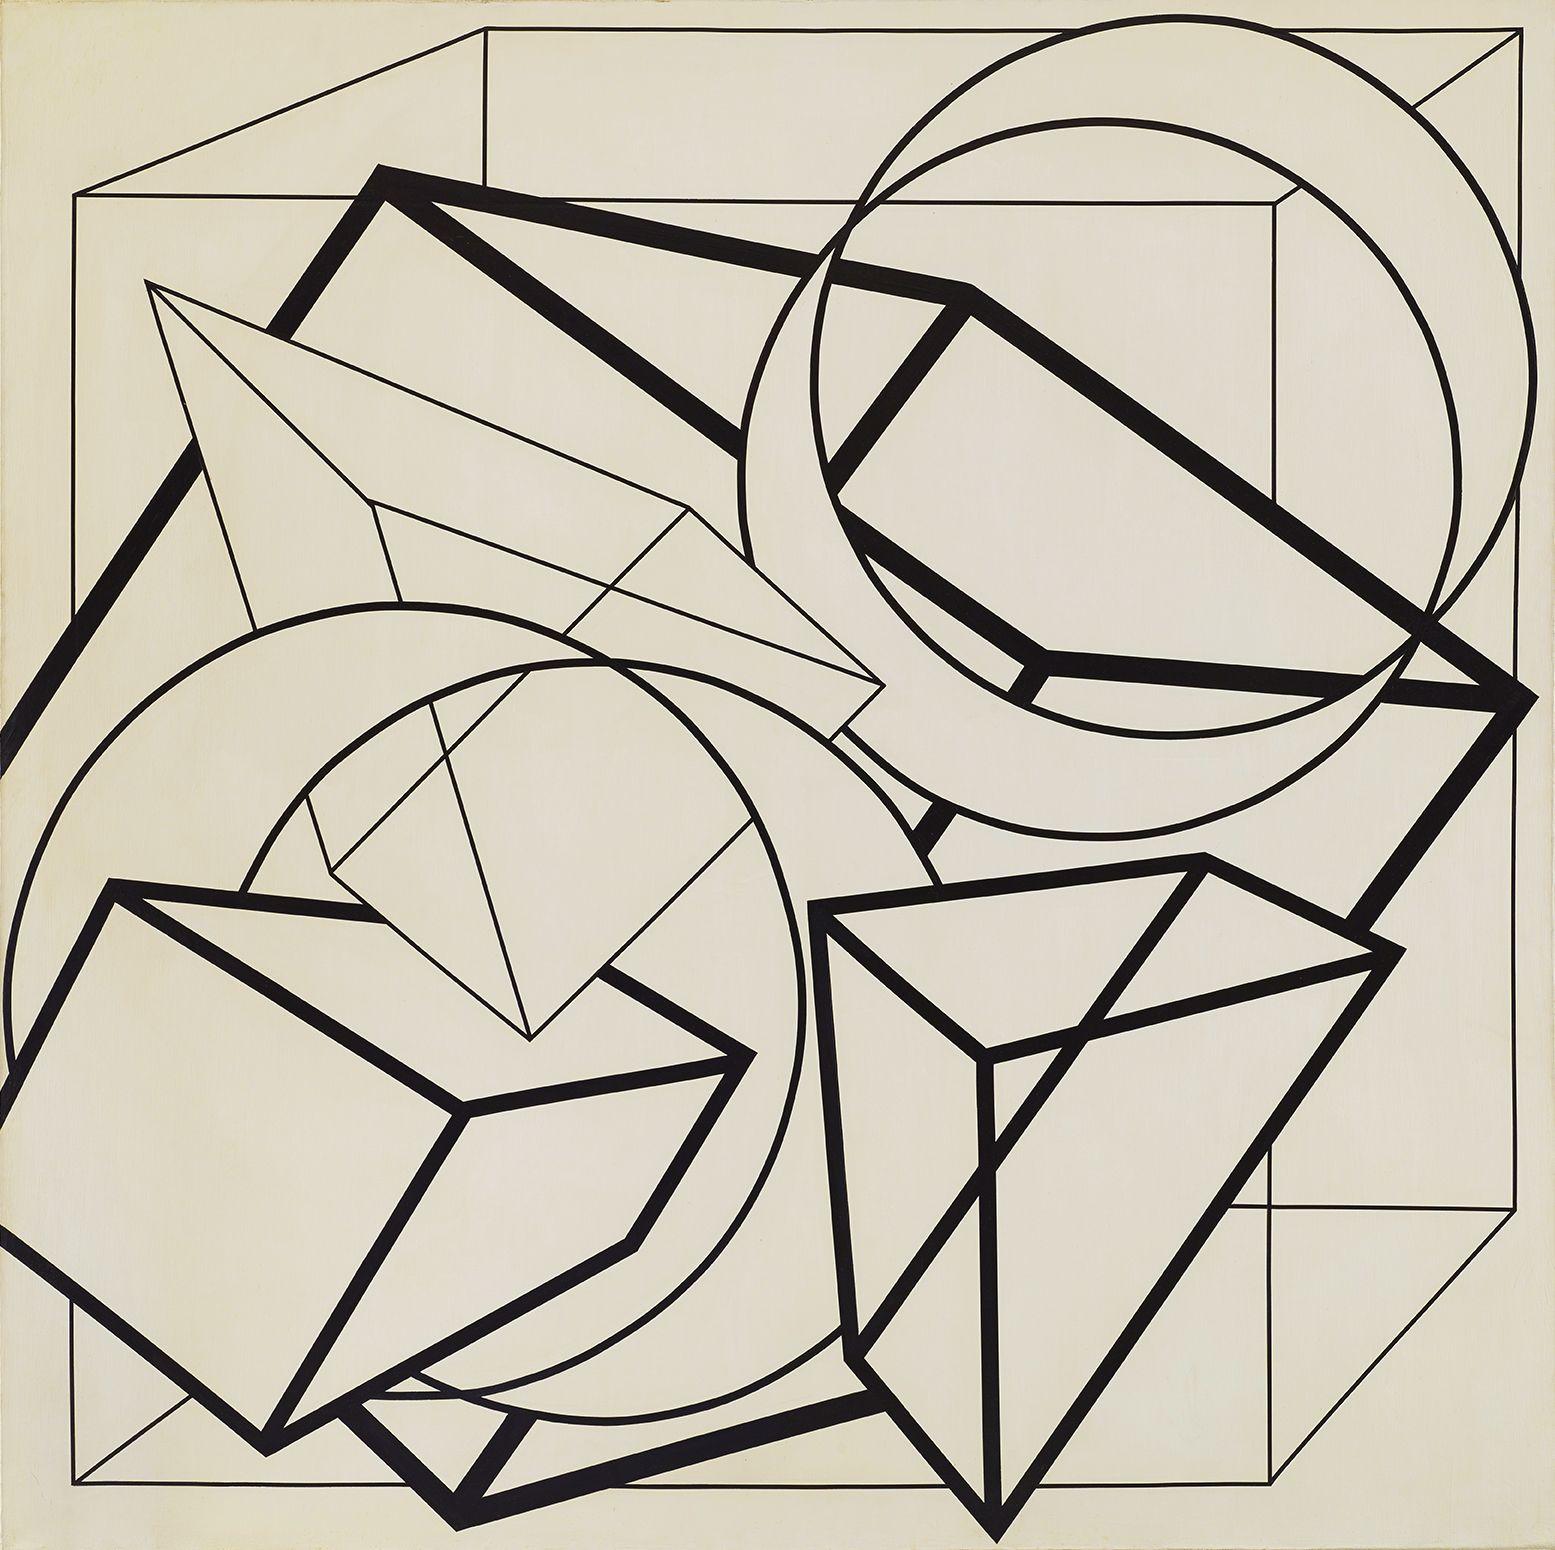 Al Held Untitled, 1972